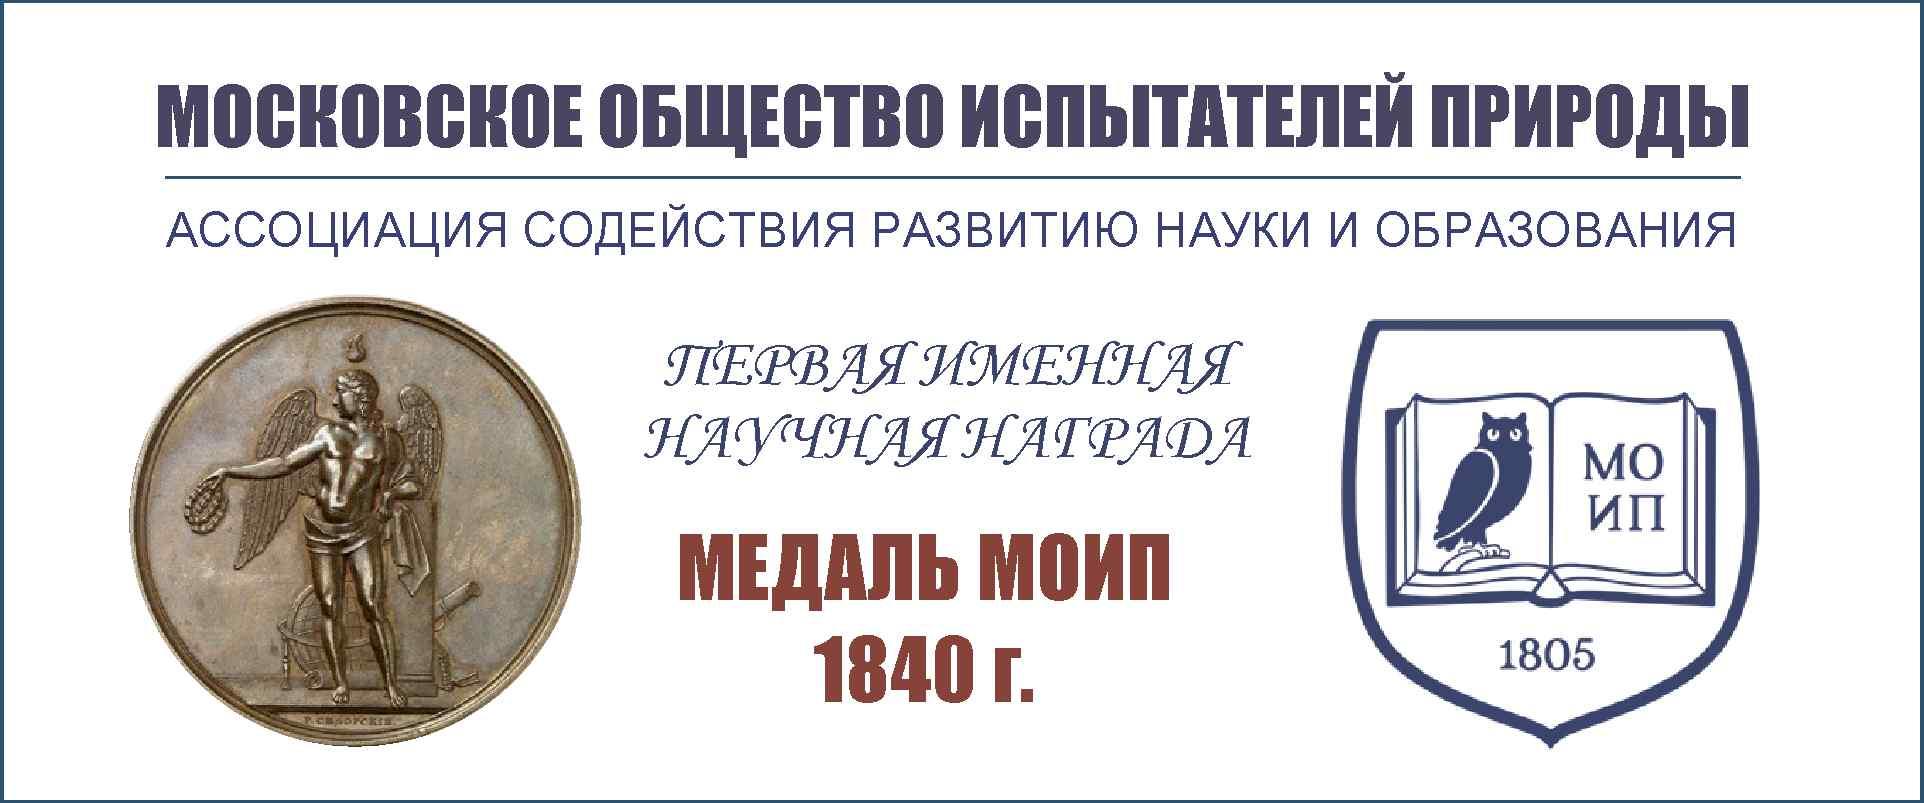 ПЕРВАЯ В РОССИИ НАУЧНАЯ ИМЕННАЯ МЕДАЛЬ